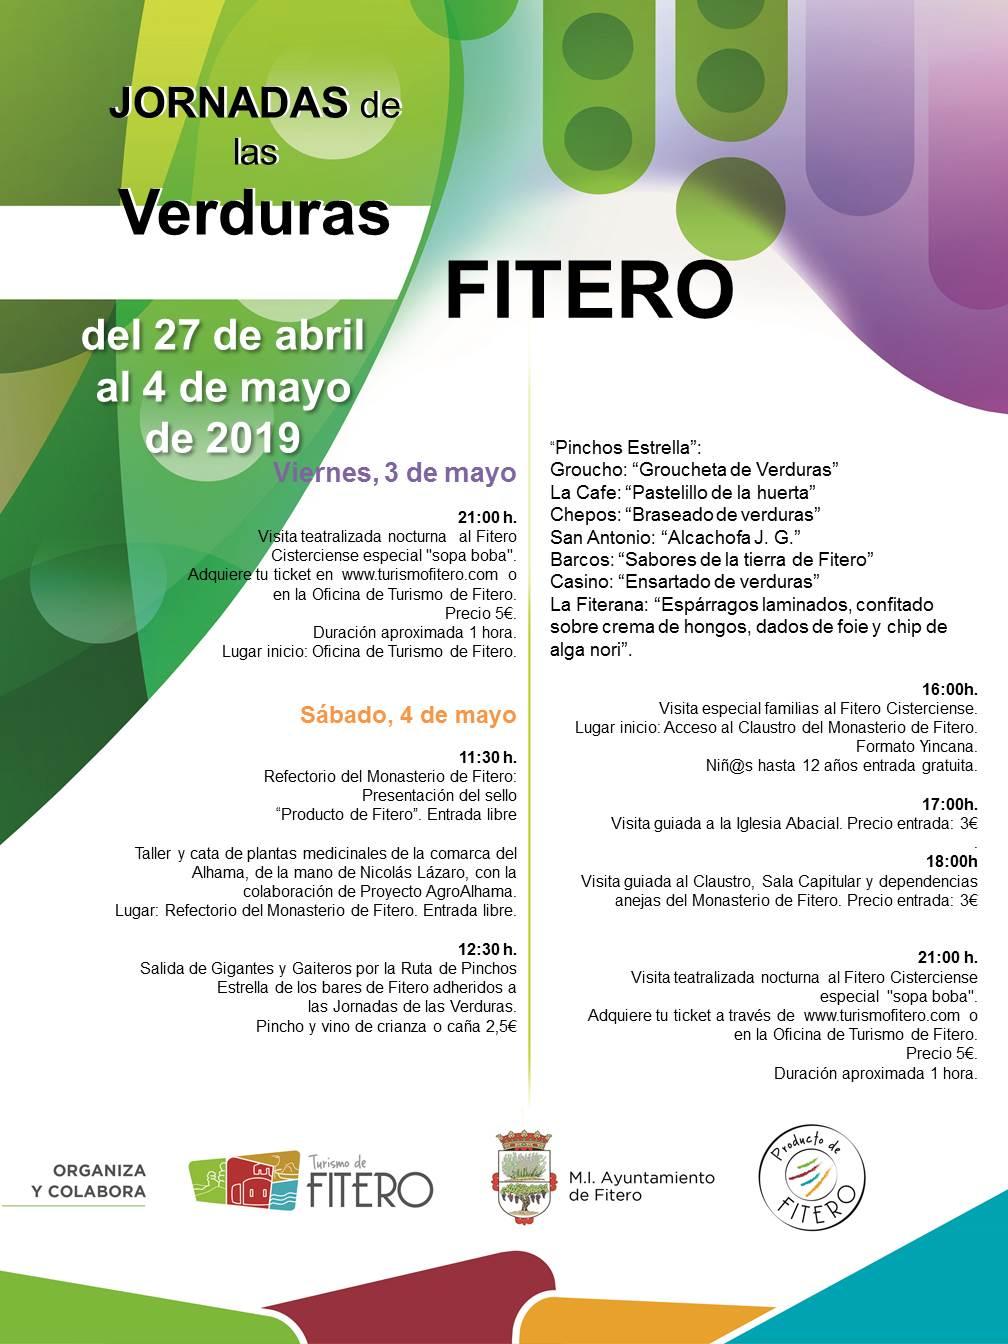 Jornadas de las Verduras en Fitero, 3 y 4 de mayo